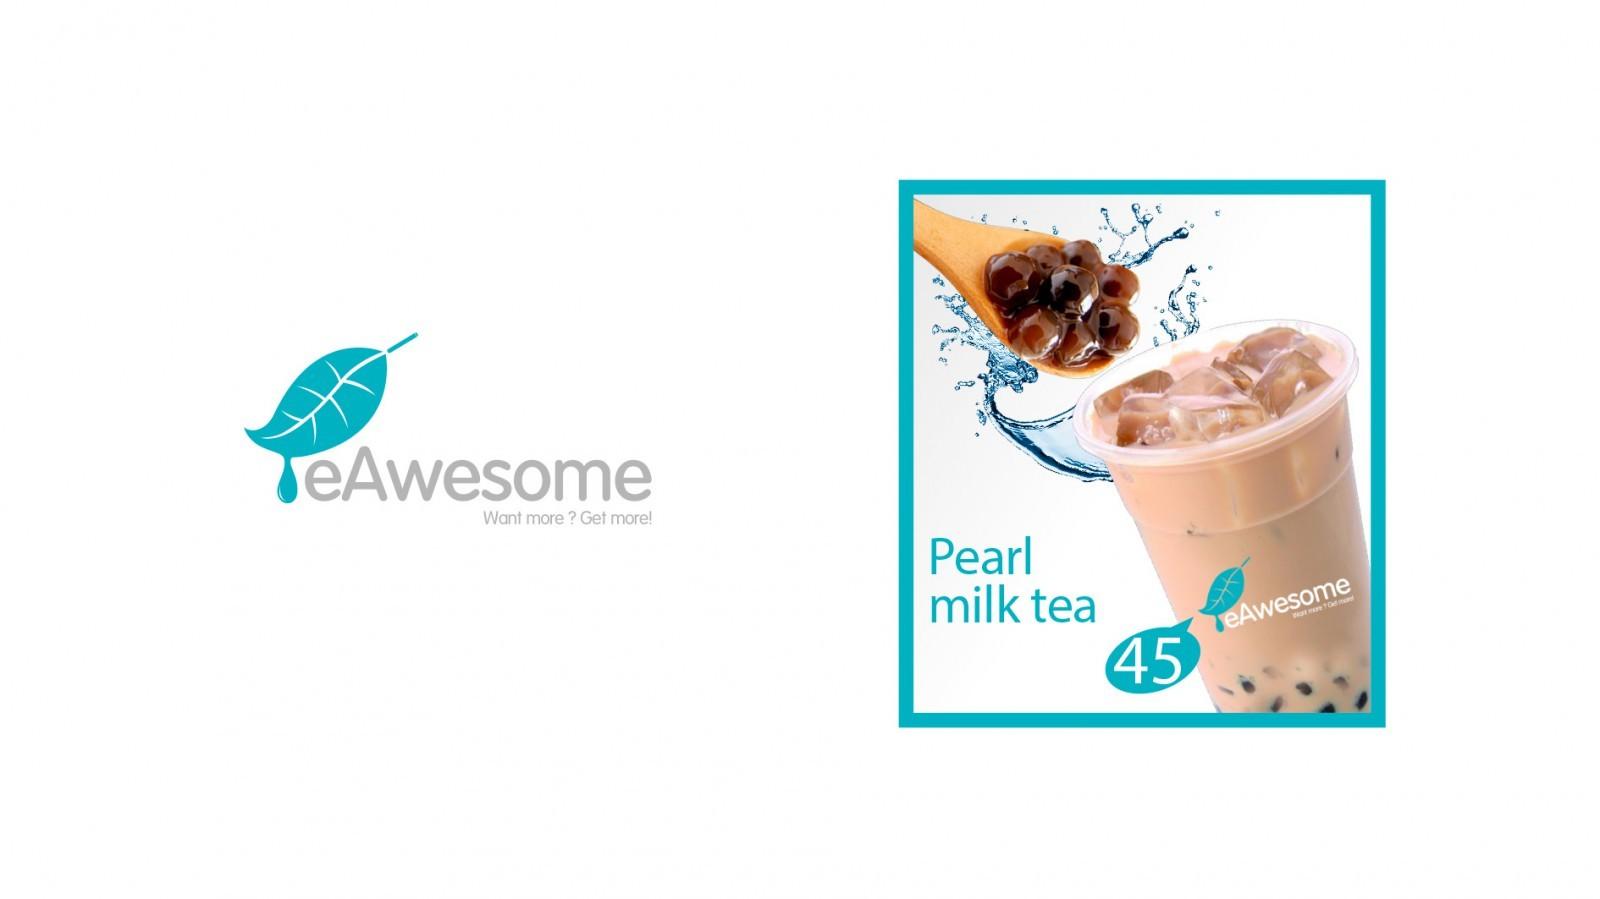 國際智家.TeAwesome茶飲連鎖